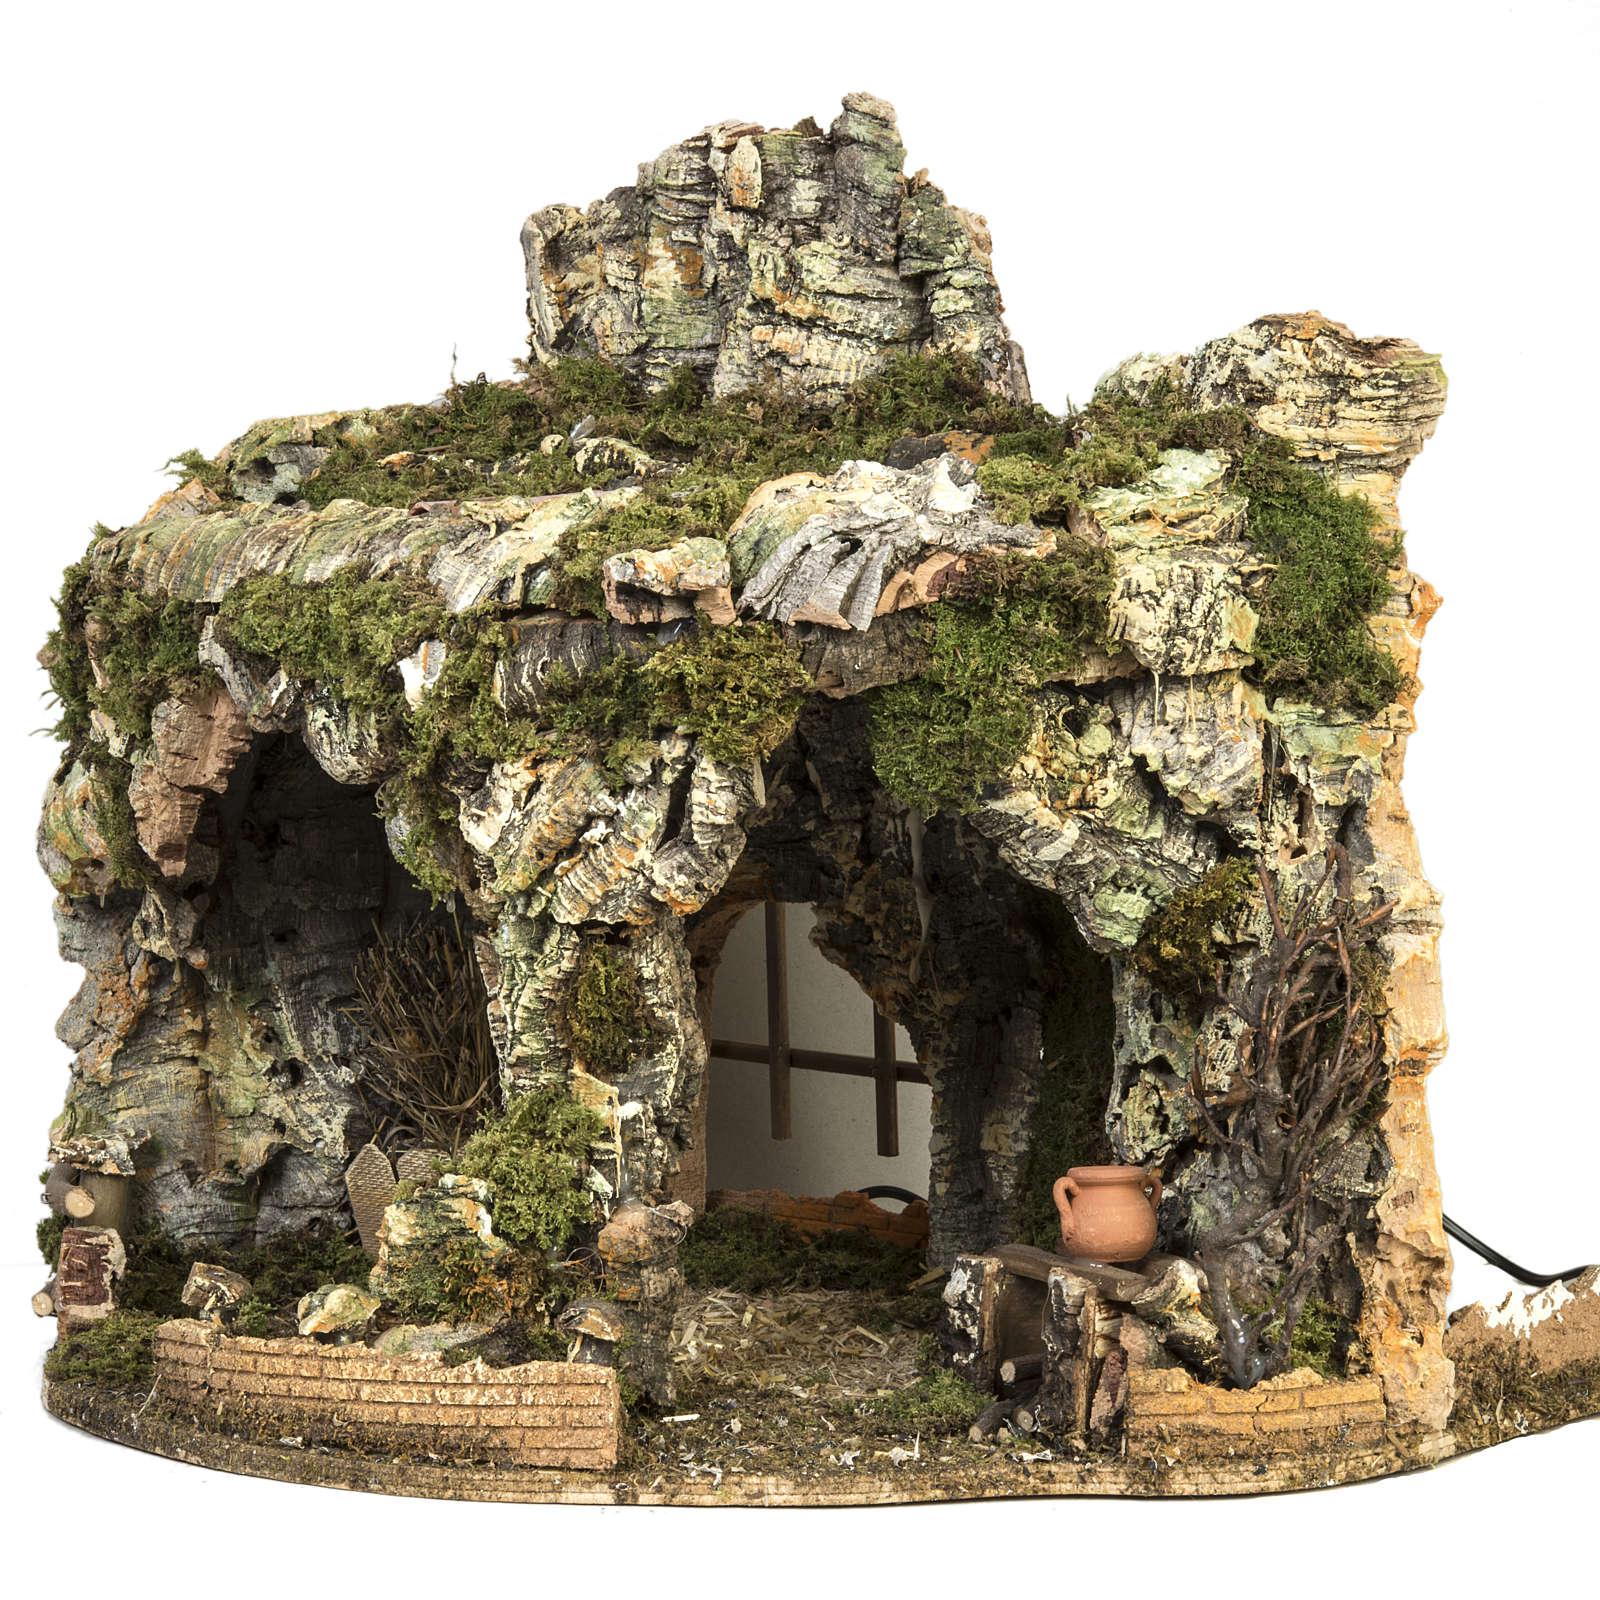 Grotta presepe fuoco e anfora 40x58x38 cm | vendita online